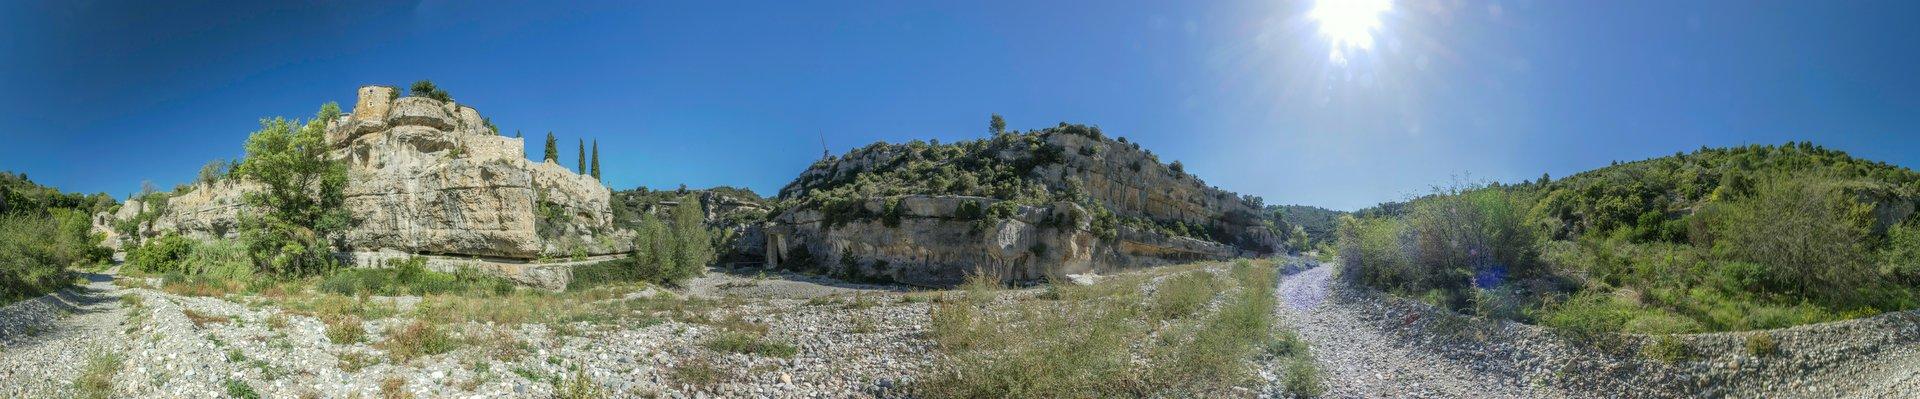 360° Panorama vom Zusammenfluss von Brian und Cesse südlich von Minerve